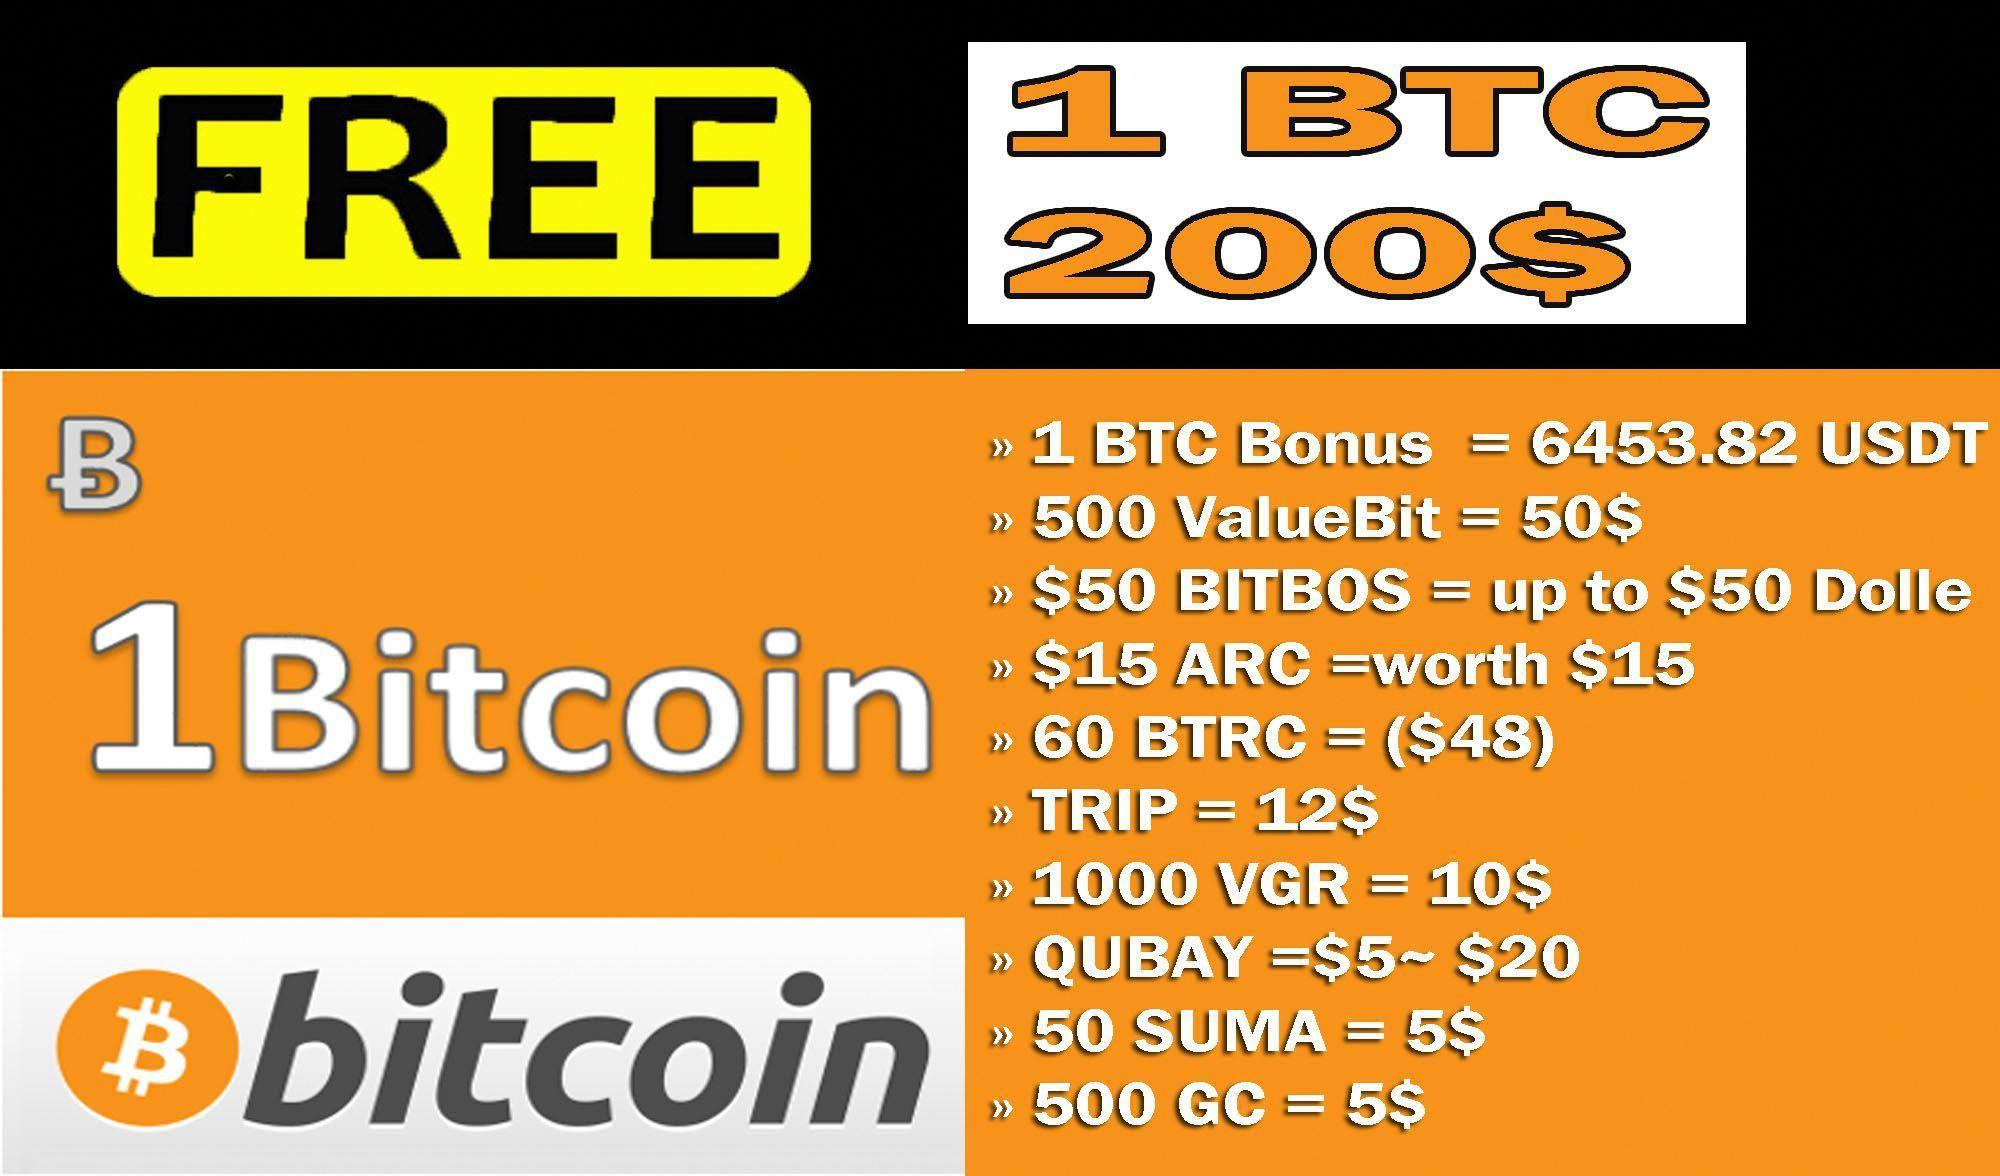 Plătiți-vă călătoria cu Bitcoins într-o formă rapidă și sigură pe Destinia